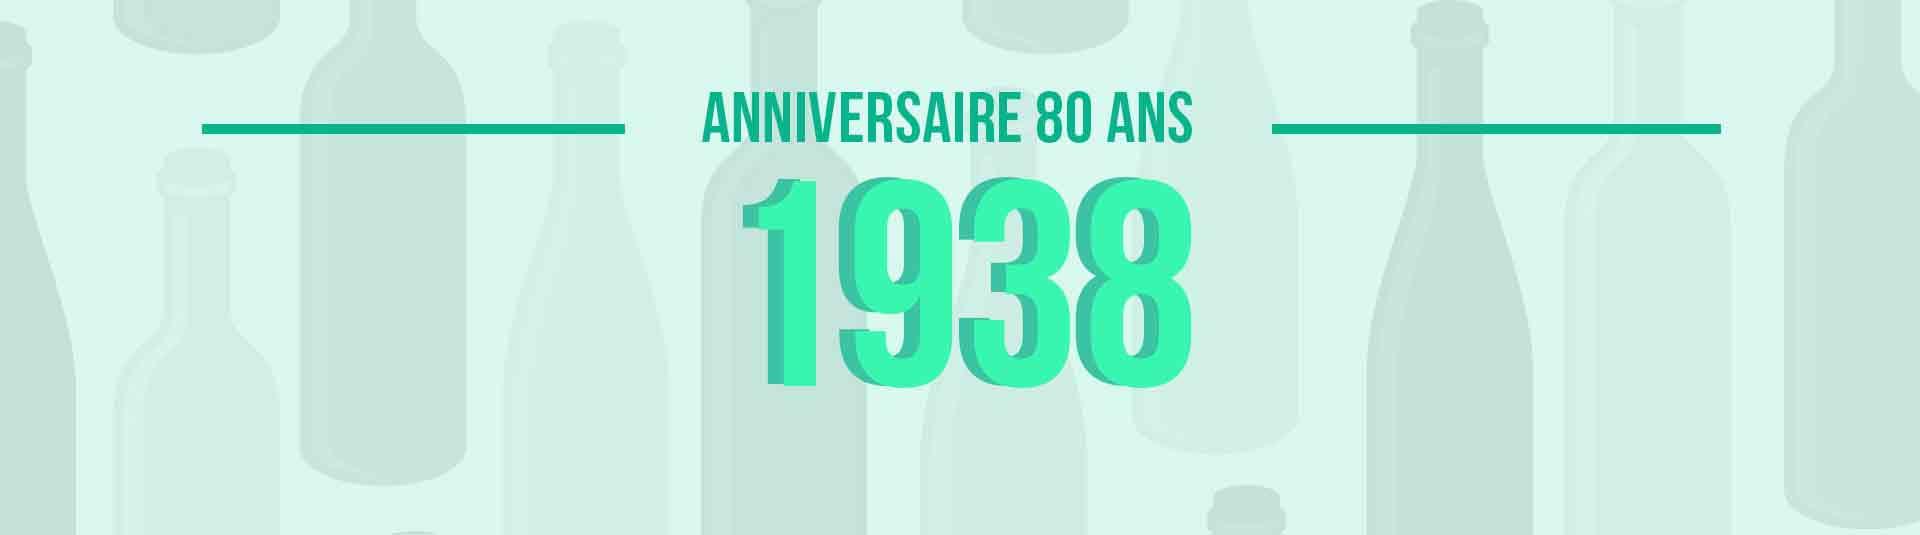 Vins de 1938 : cadeau d'anniversaire 80 ans